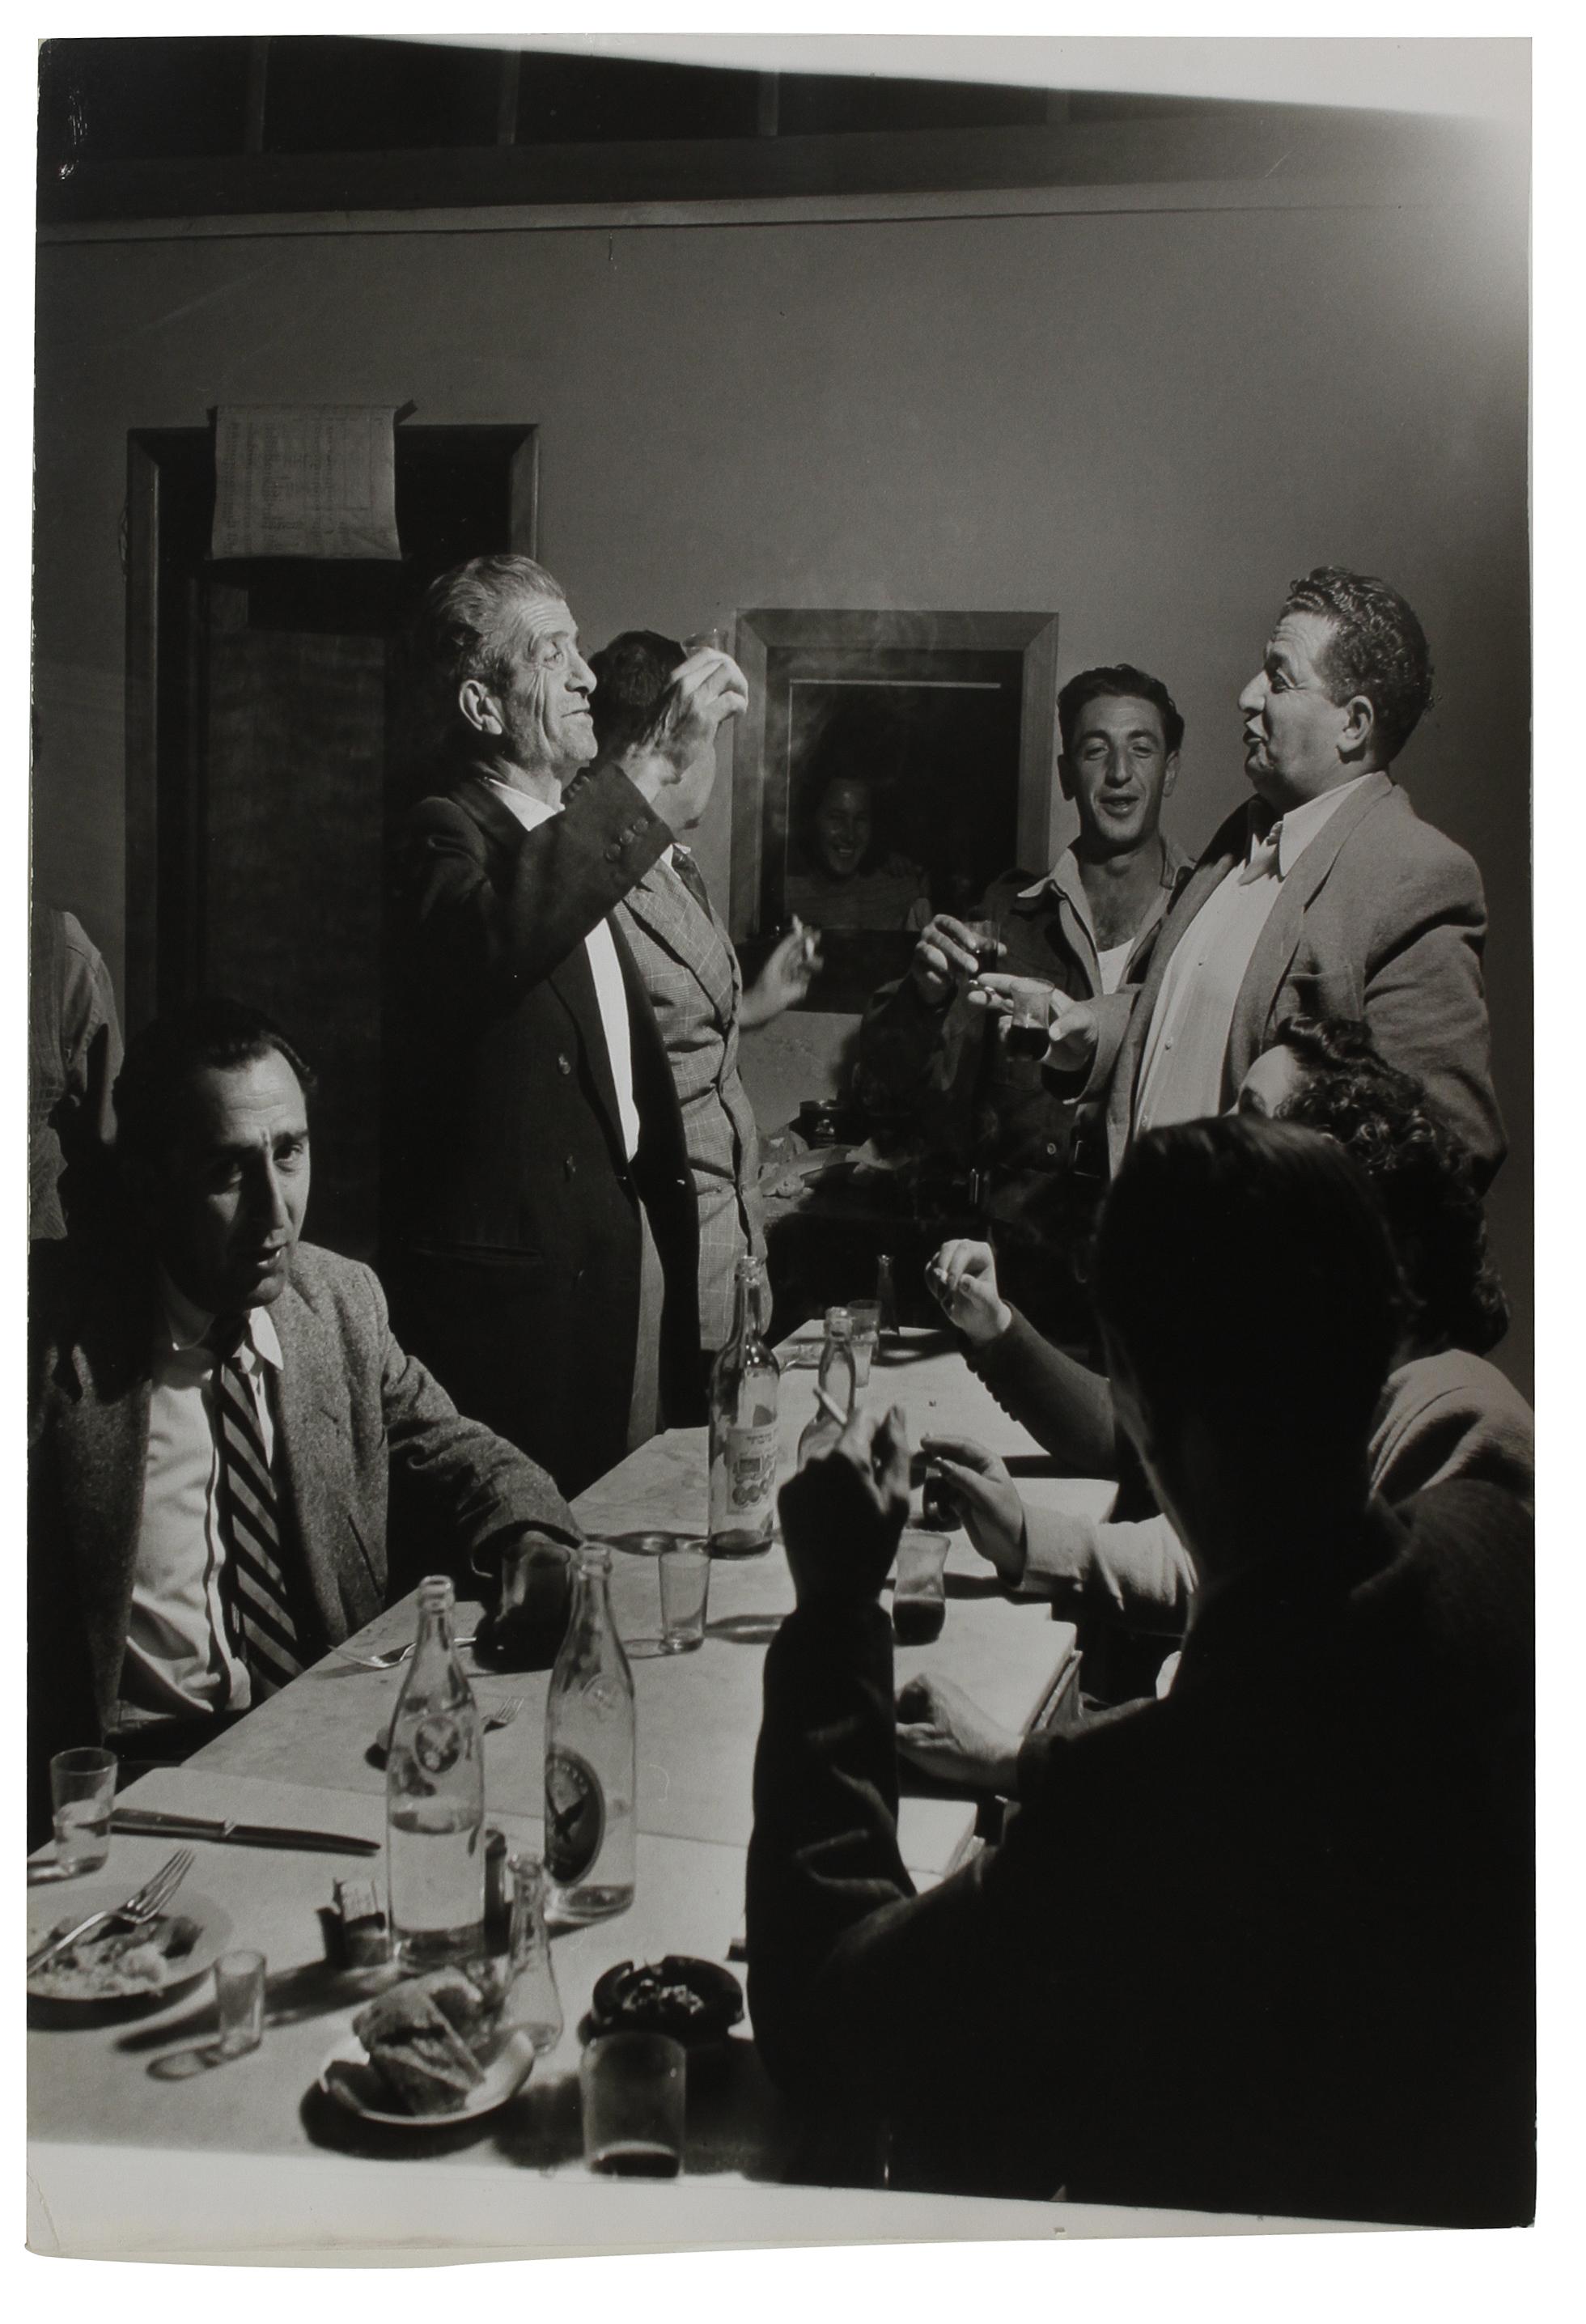 1948. Политическая встреча. Роберт Капа